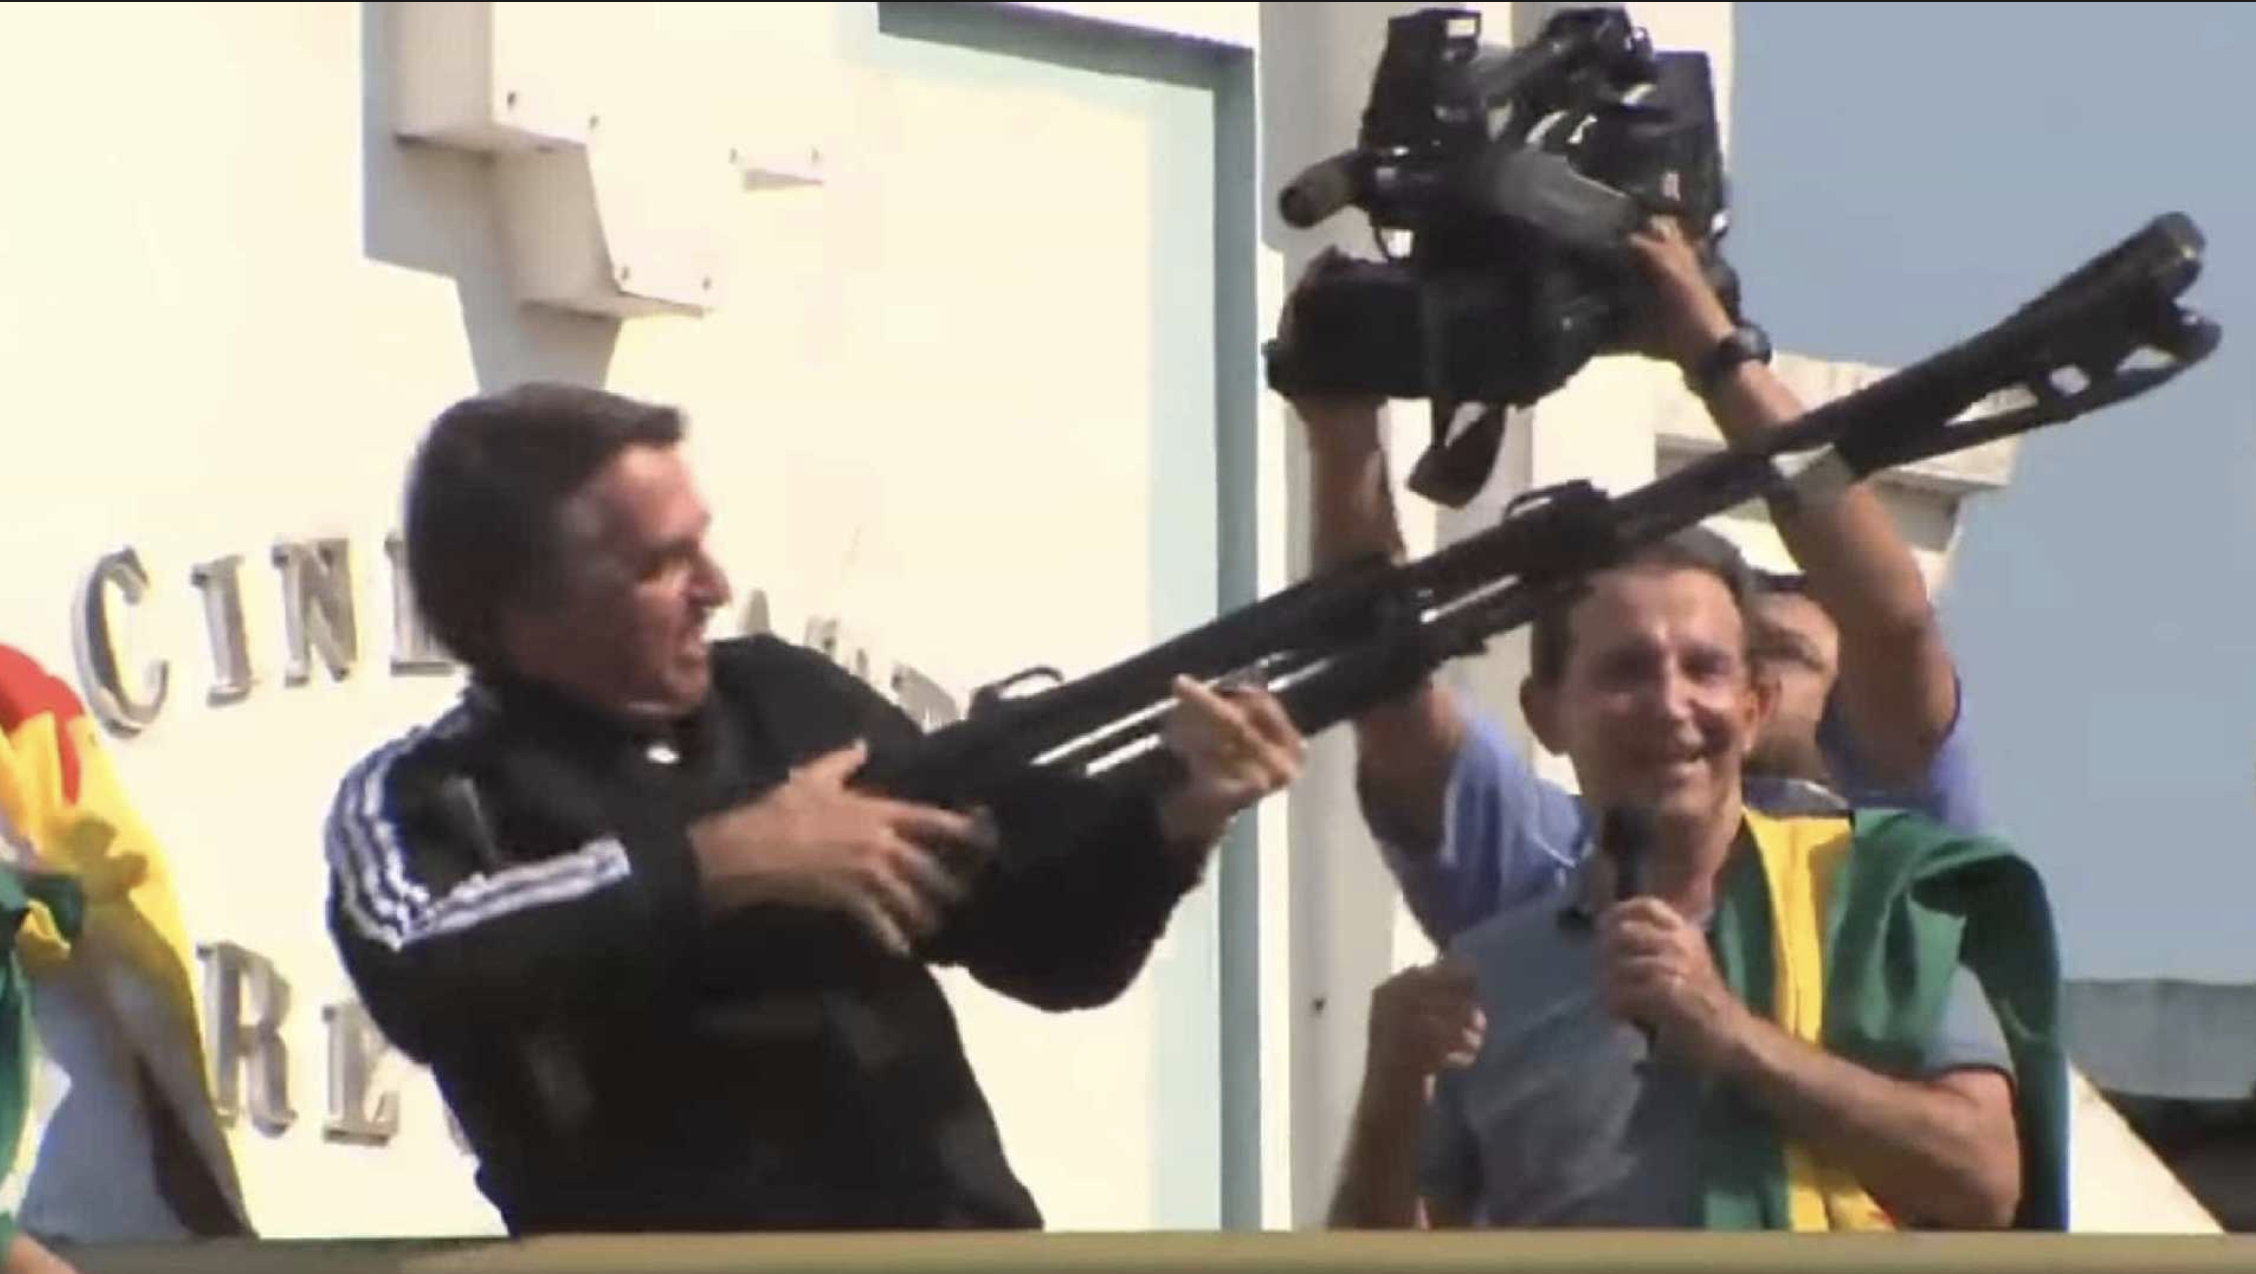 Vídeo faz raio xis da campanha de Bolsonaro: Fatos não importam, o ódio move eleitores; imperdível